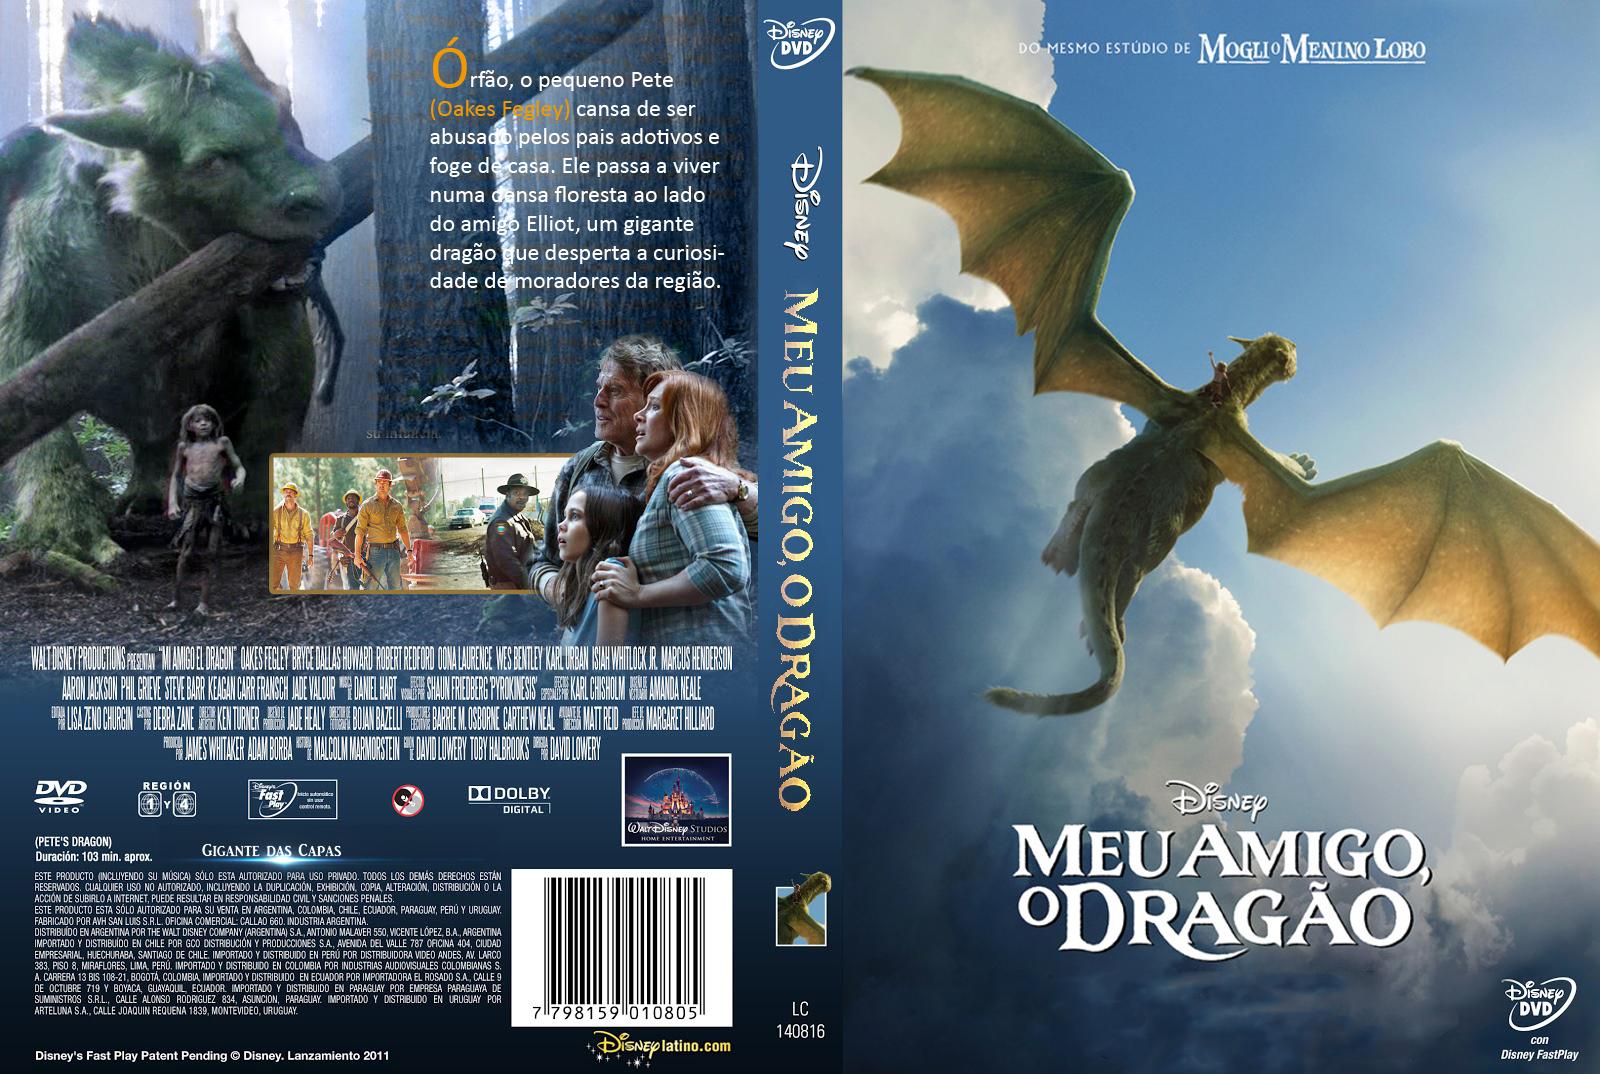 Download Meu Amigo O Dragão BDRip Dual Áudio Meu 2BAmigo 252C 2Bo 2BDrag 25C3 25A3o 2B 25282016 2529